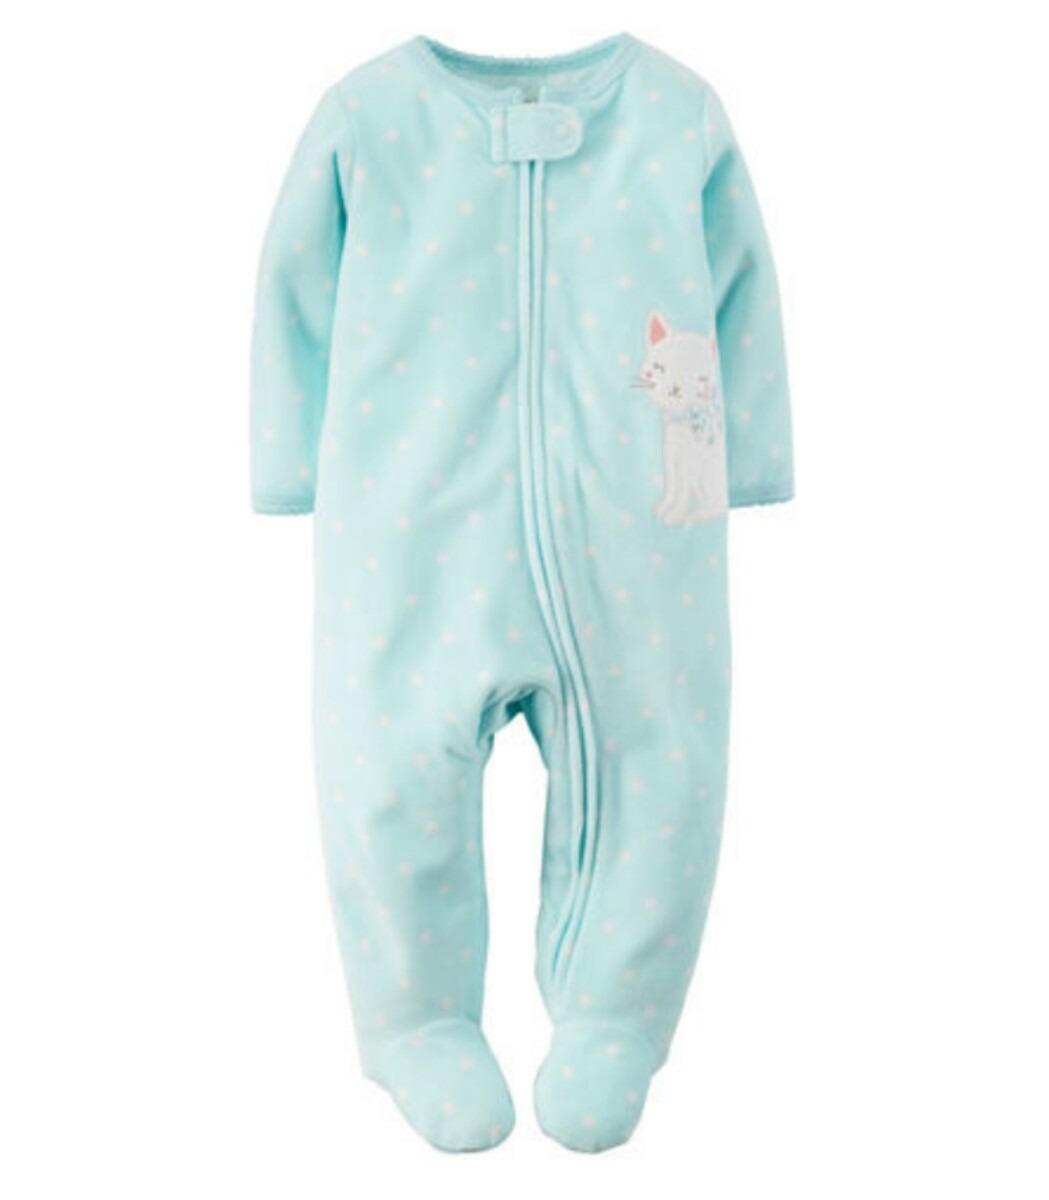 da120241fa Pijamas Polares Carters Ropa Bebé Y Niña De Rn A 9 M -   750